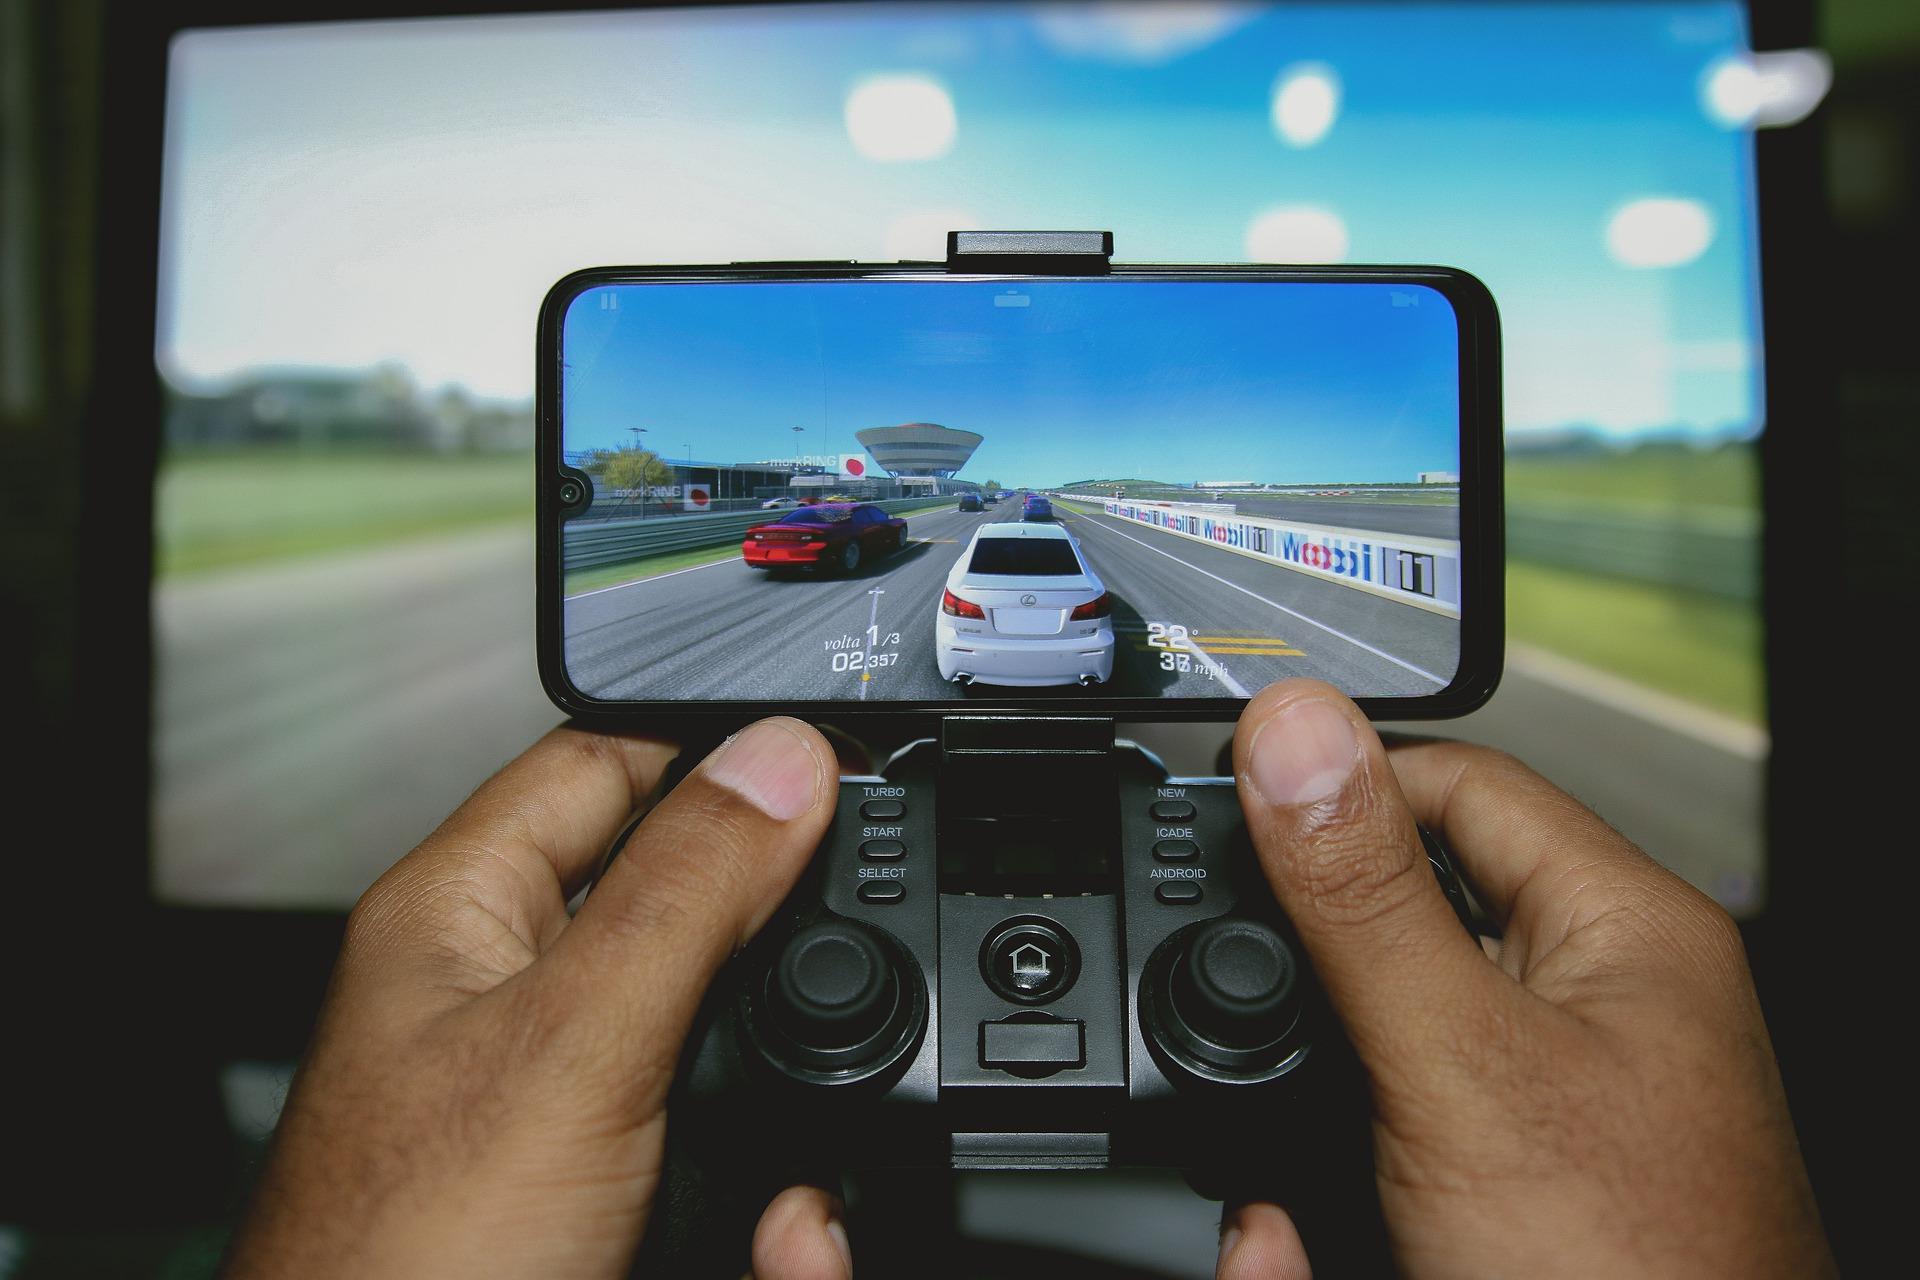 Imagem mostra uma pessoa usando um gamepad com um jogo para smartphone.